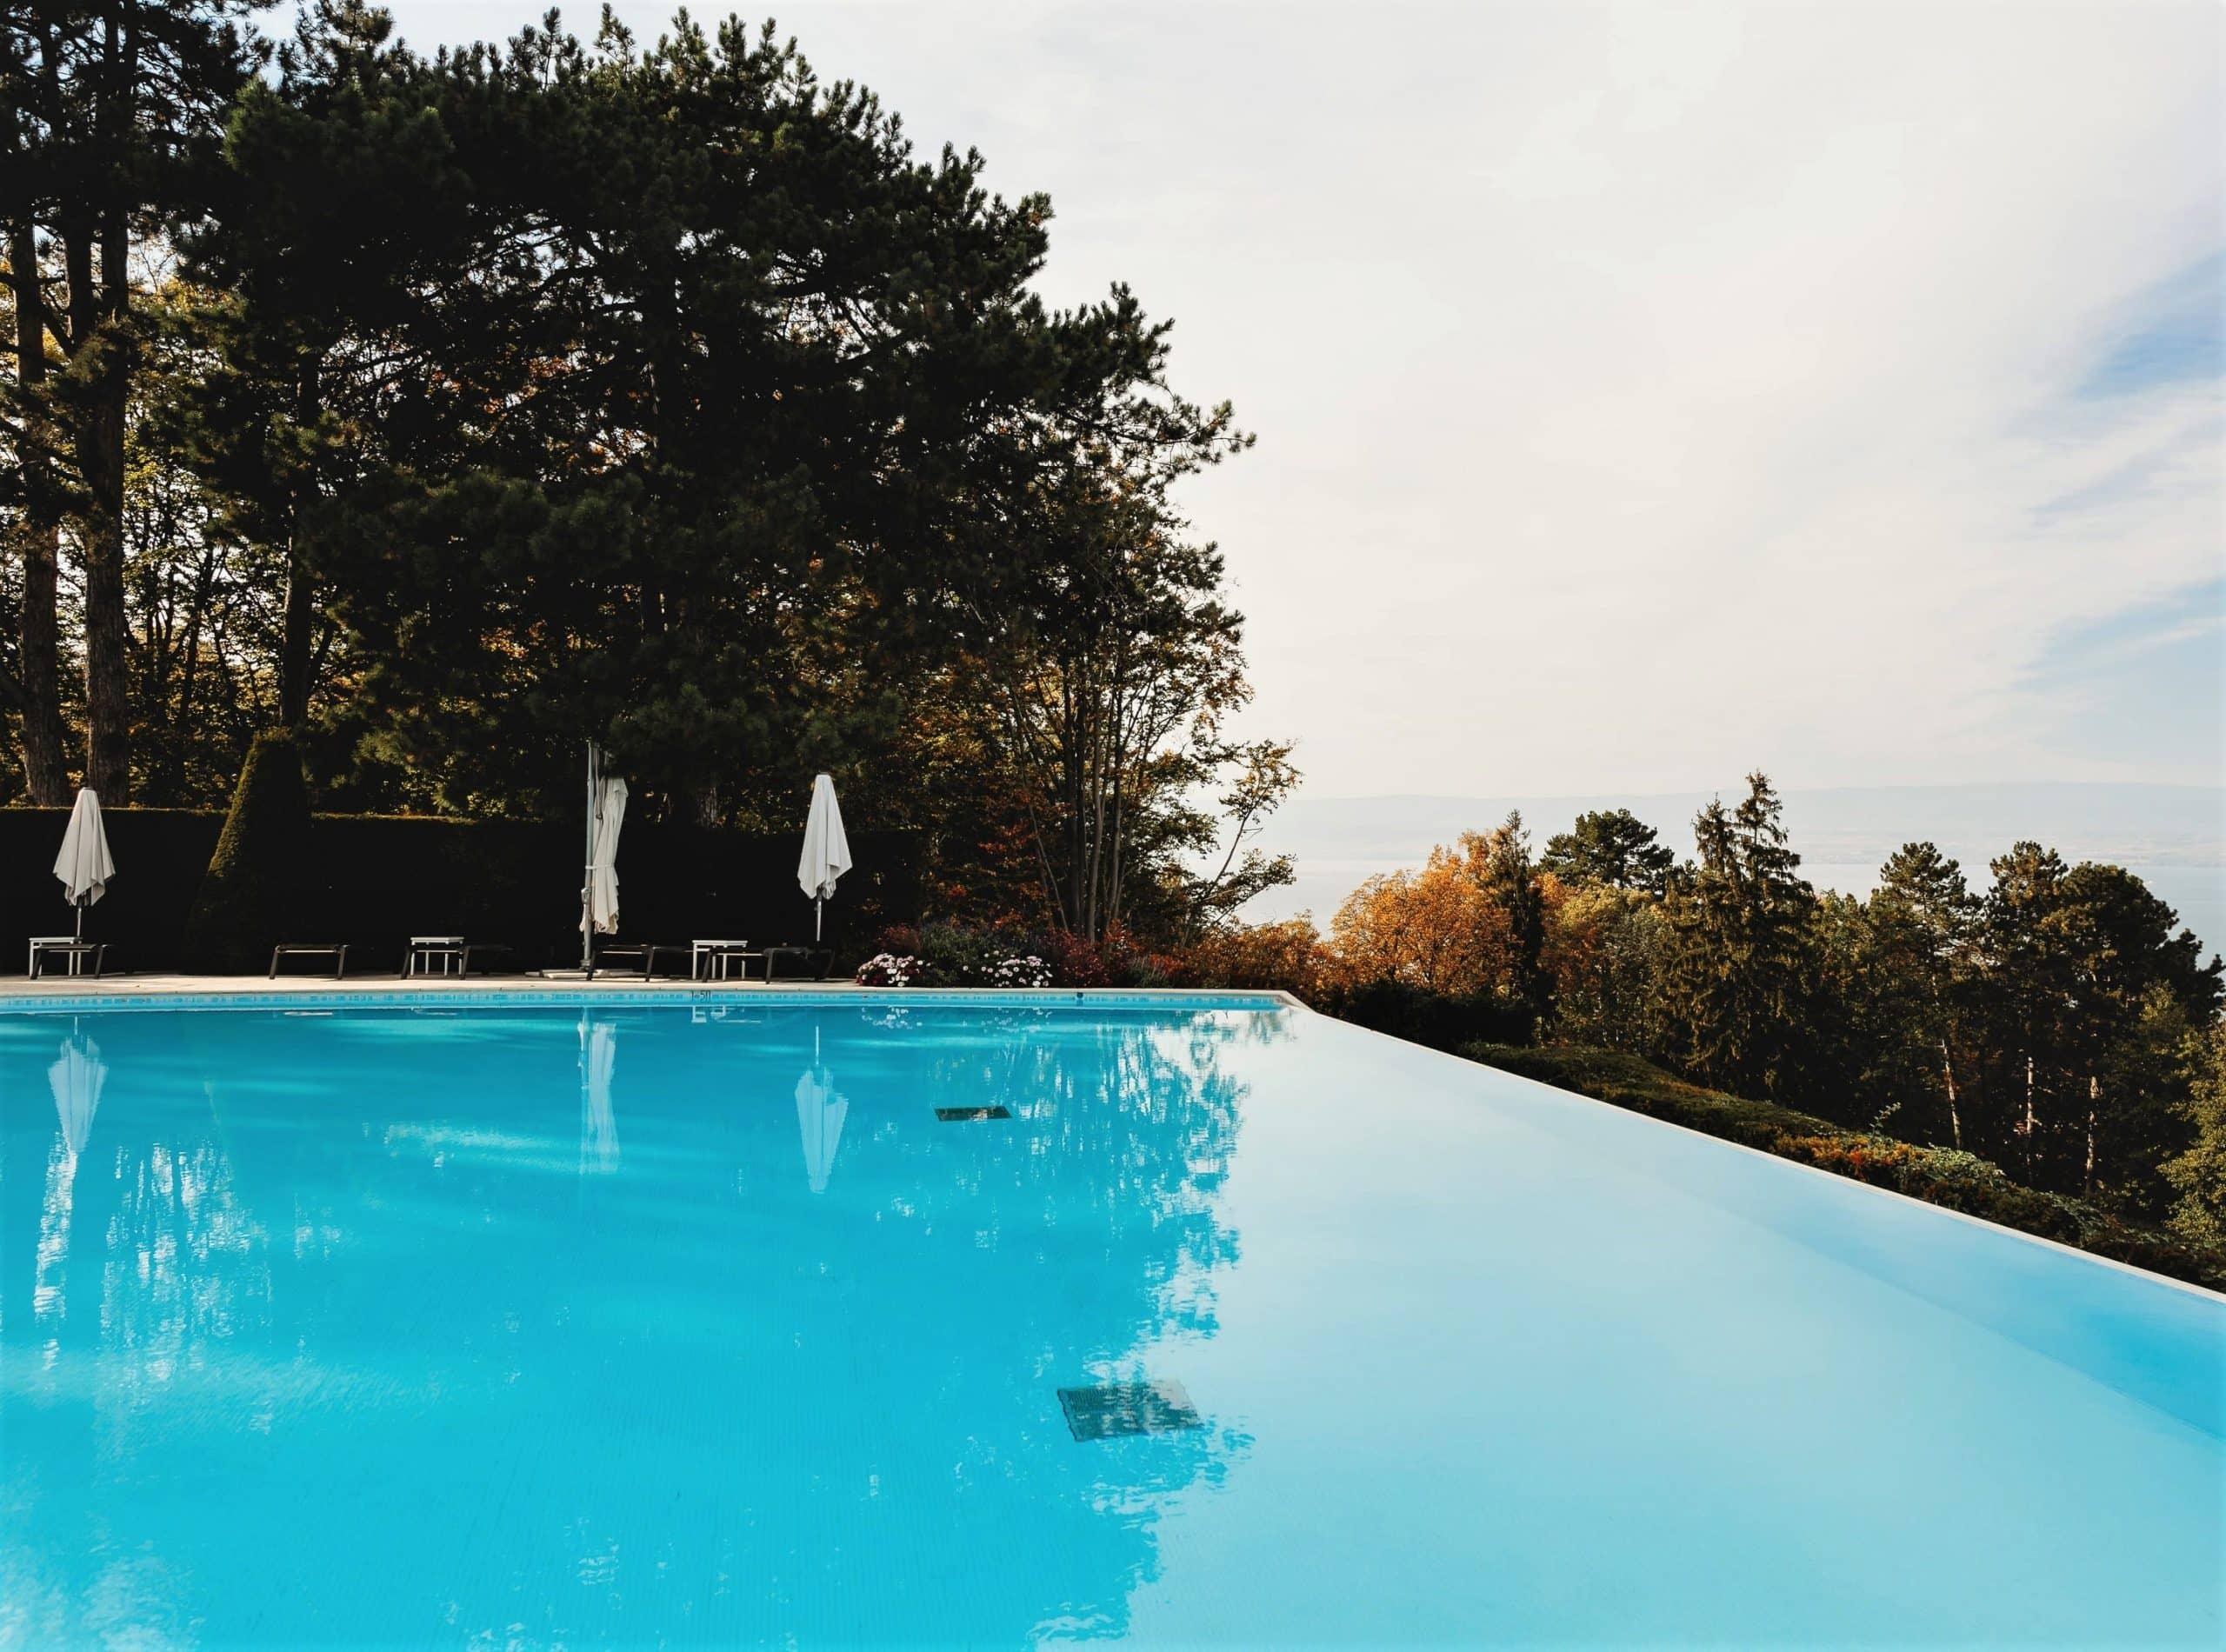 basen-roleta-dno-drabinka-mozaika-budowa basenu-ogrodowy-lampa basenowa-led_infinity-przelewowy